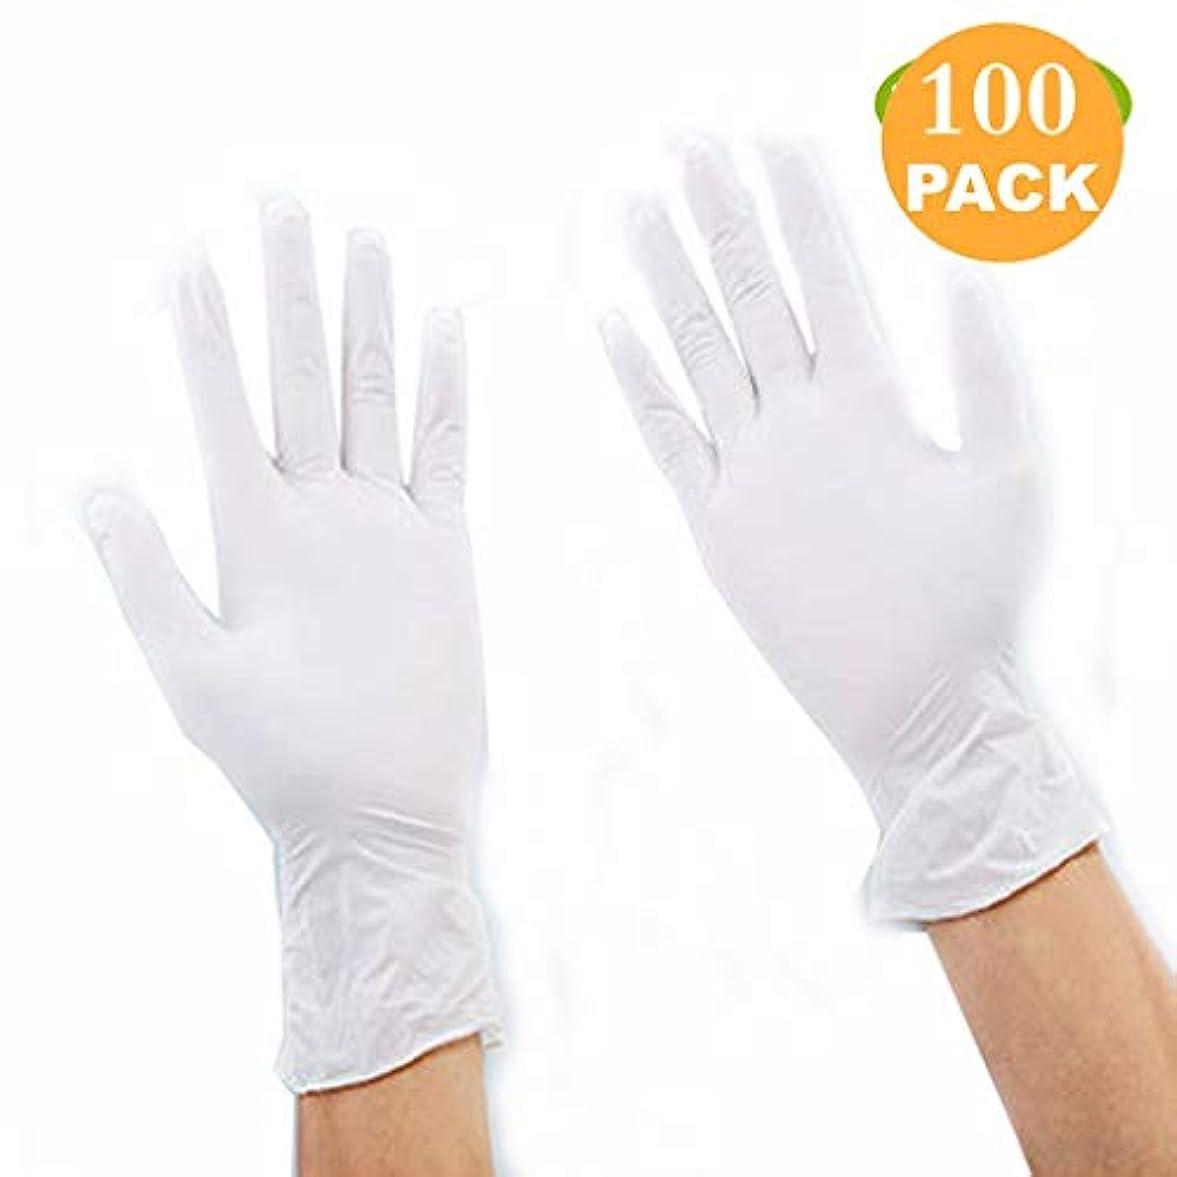 できれば広まった奇妙なニトリル使い捨て12インチの厚さのゴム手袋白手袋、食品加工、医療医療医療-100パーボックス (Size : L)